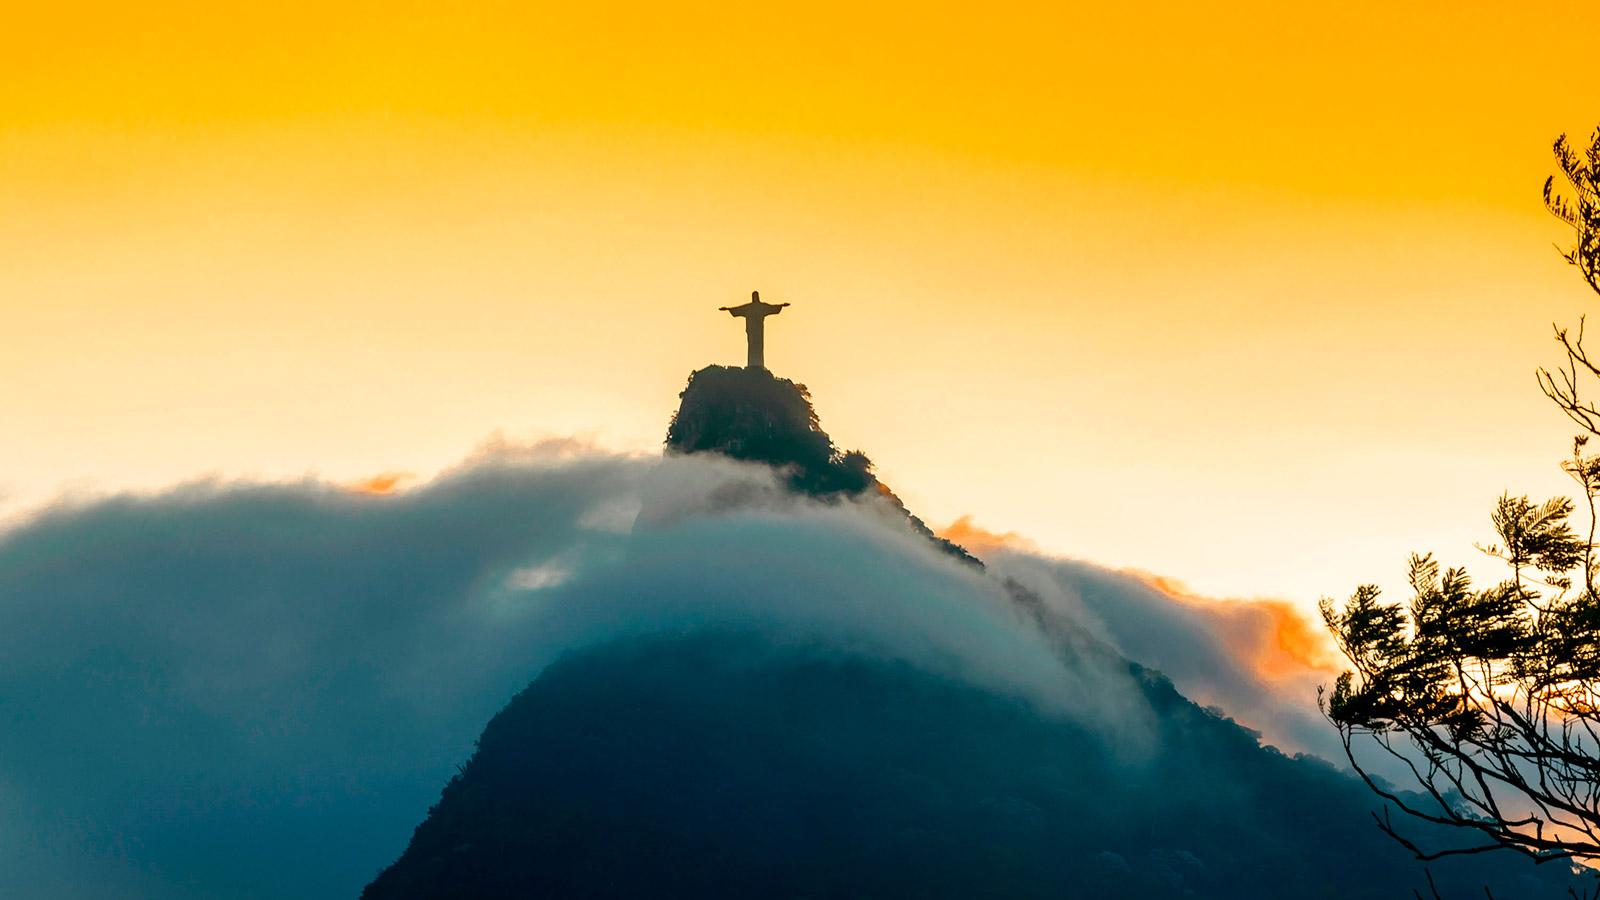 Brasil, da Polêmica à Ação: a hora somente pode ser agora